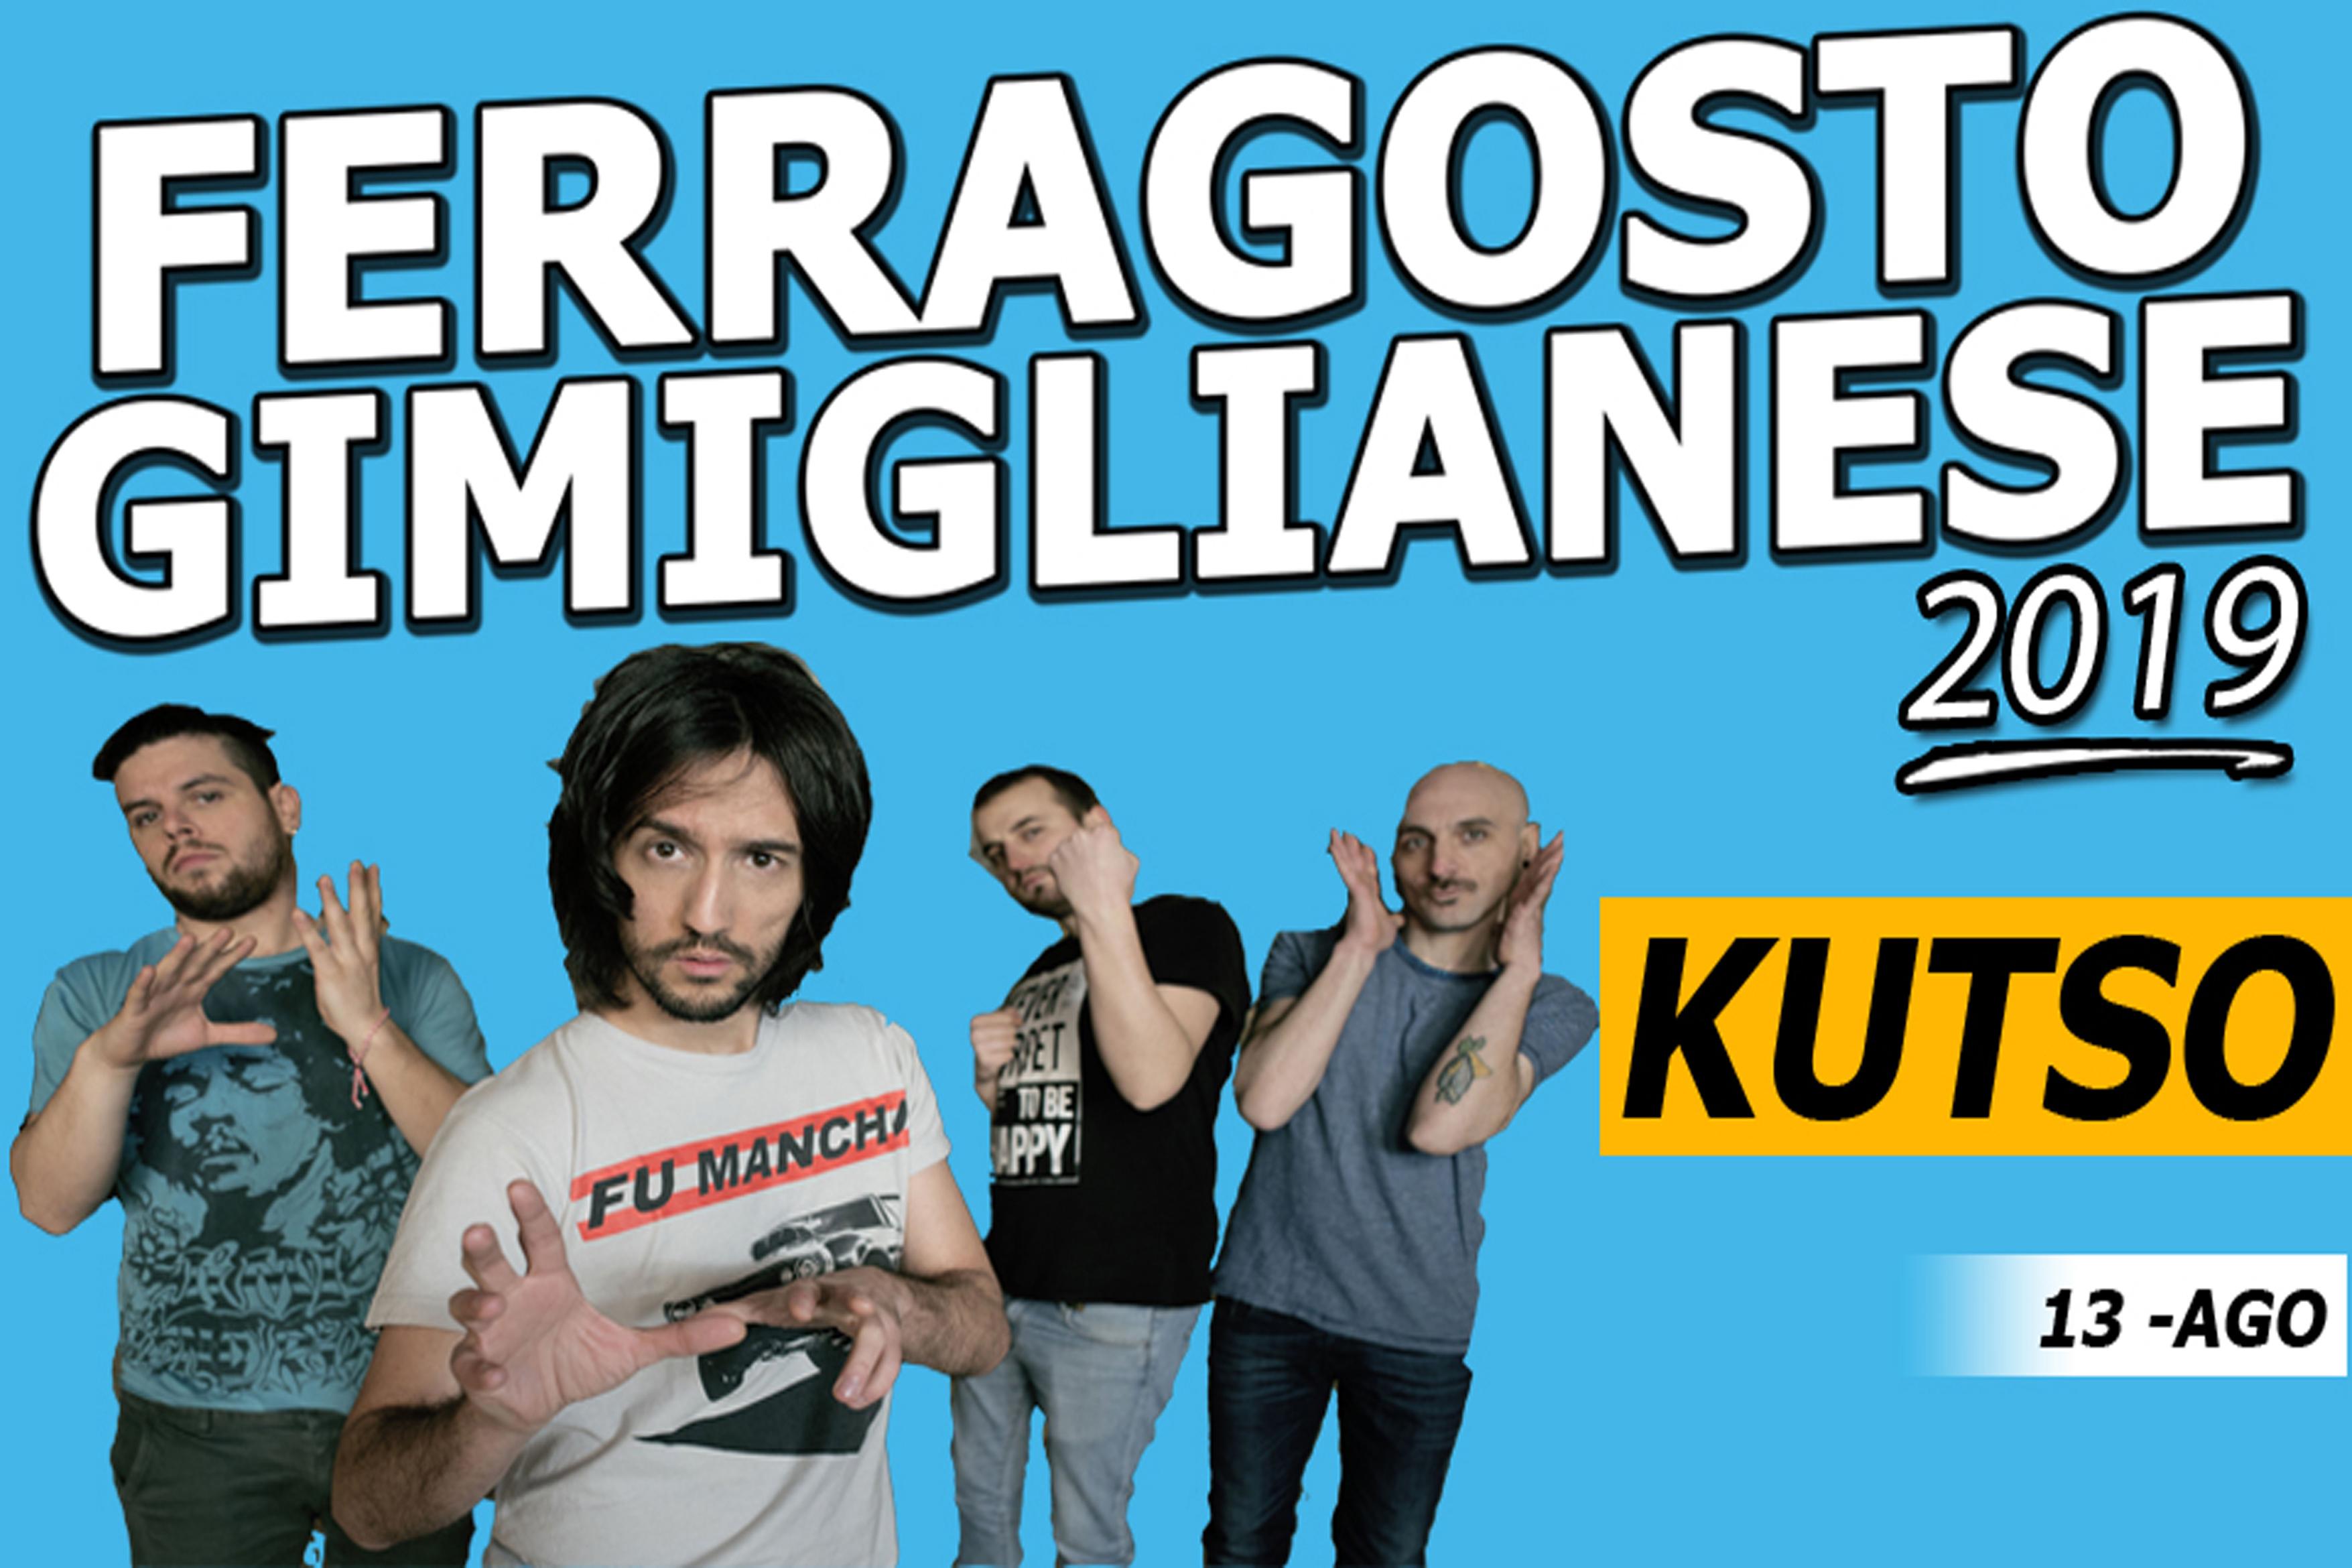 http://iniziativagimigliano.com/domain/wp-content/uploads/2019/07/kutso-3510X2340.jpg